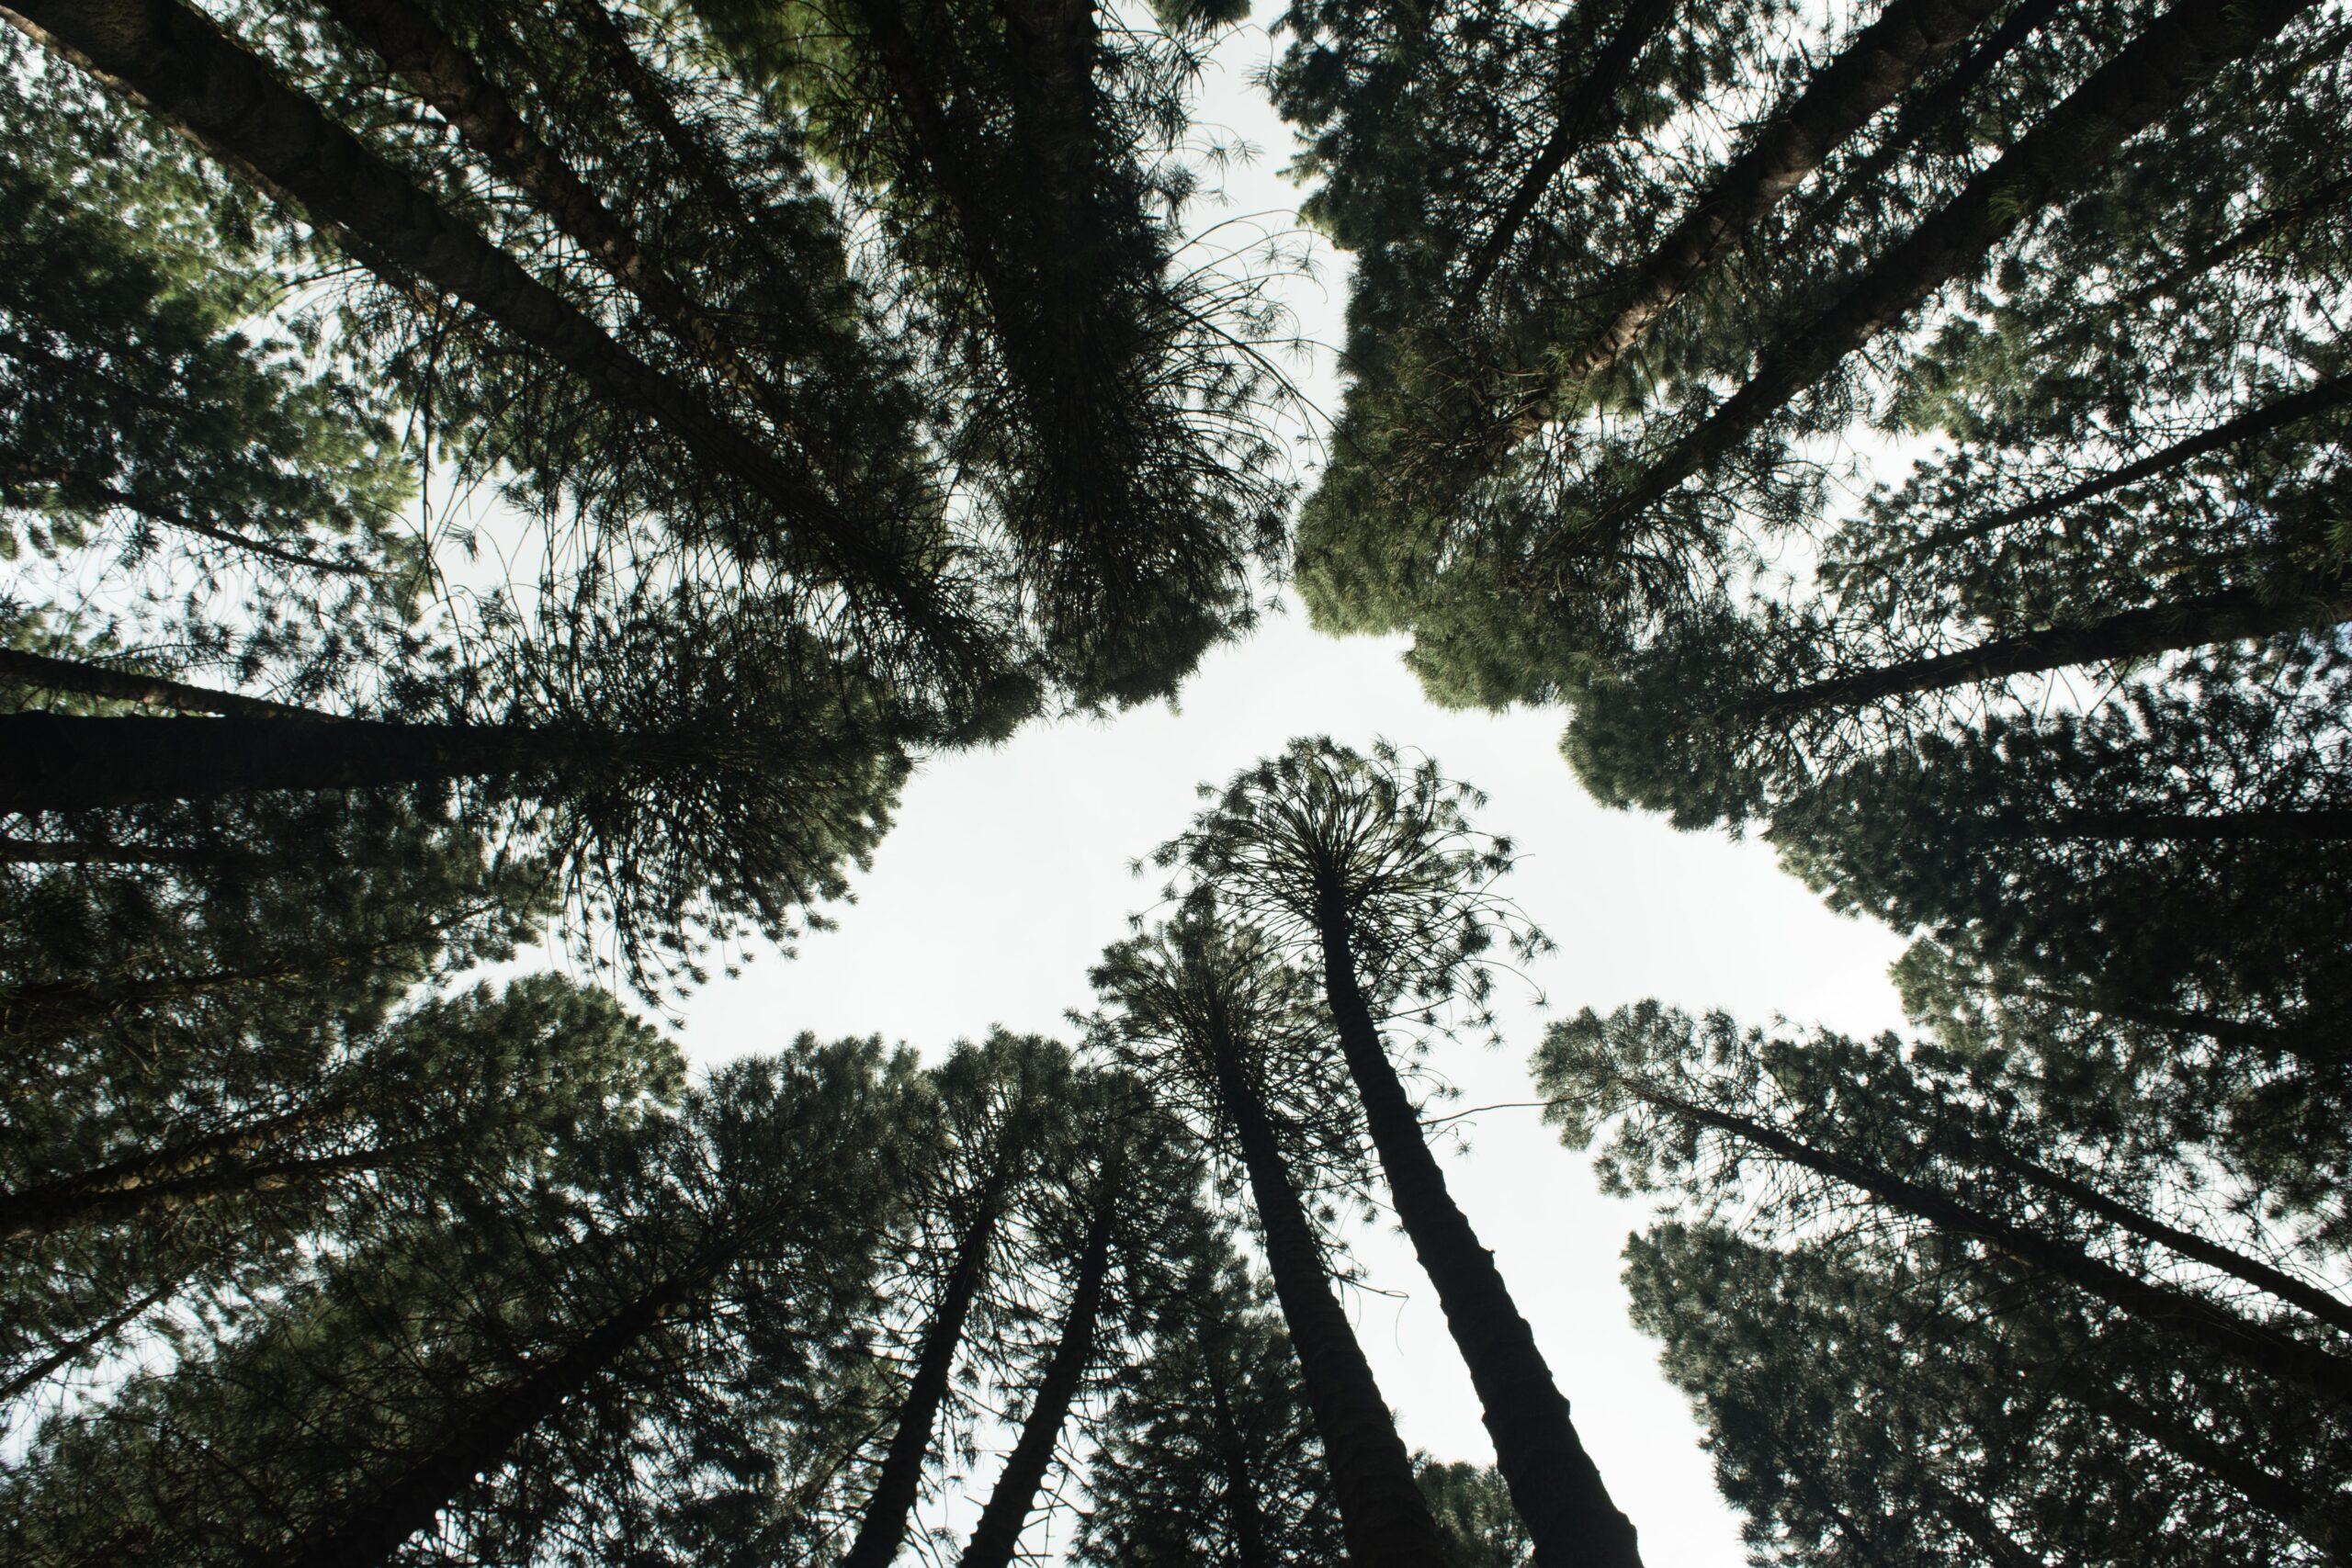 Zrównoważony rozwój wysoko na liście priorytetów przedsiębiorców – niestety tylko w teorii